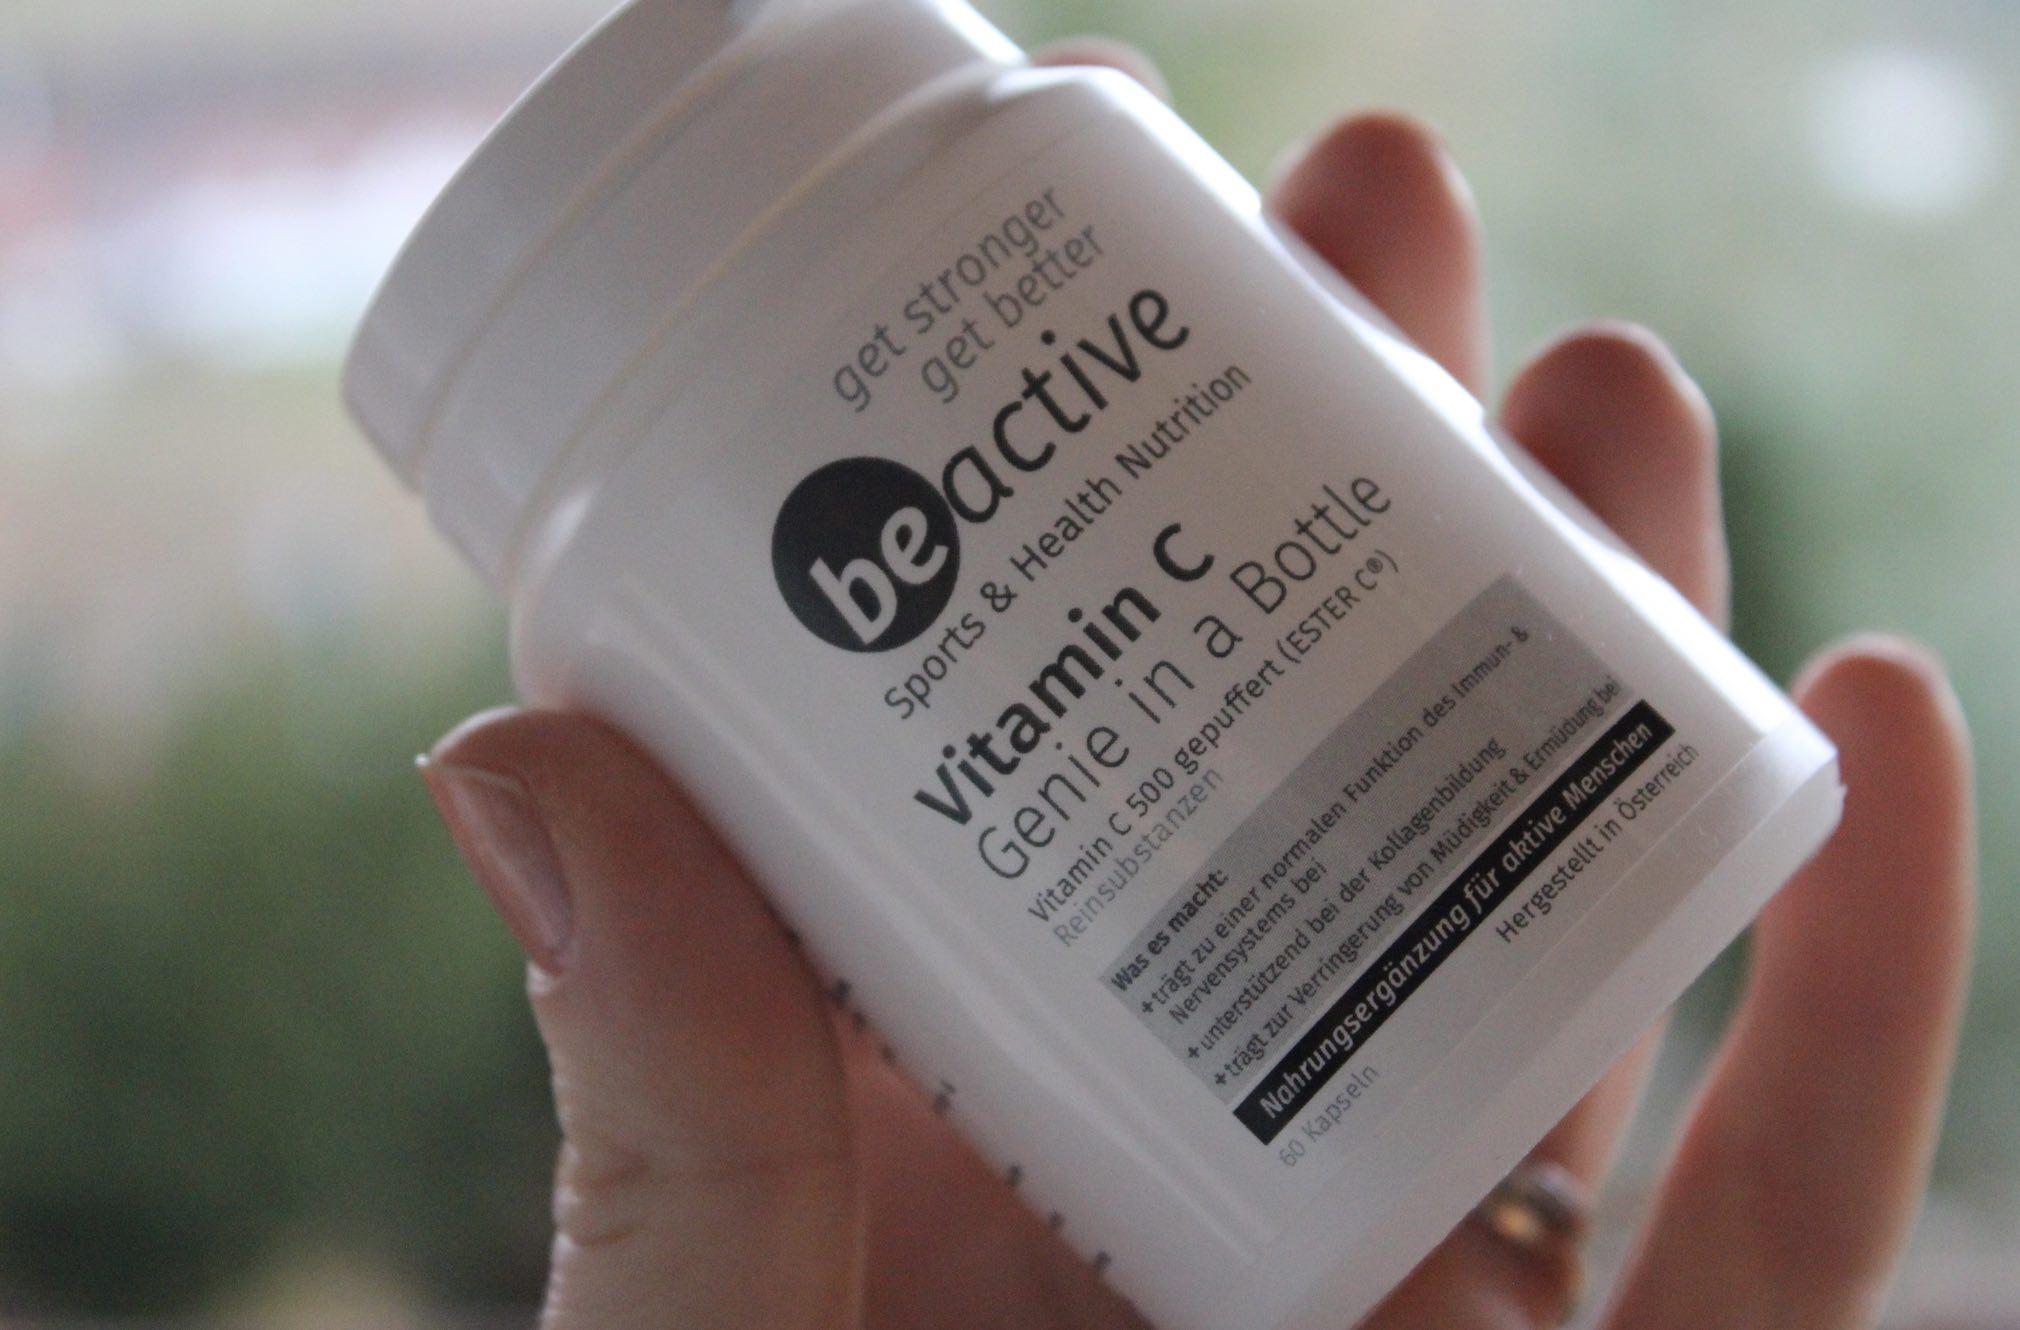 Vitamin C Ester C®